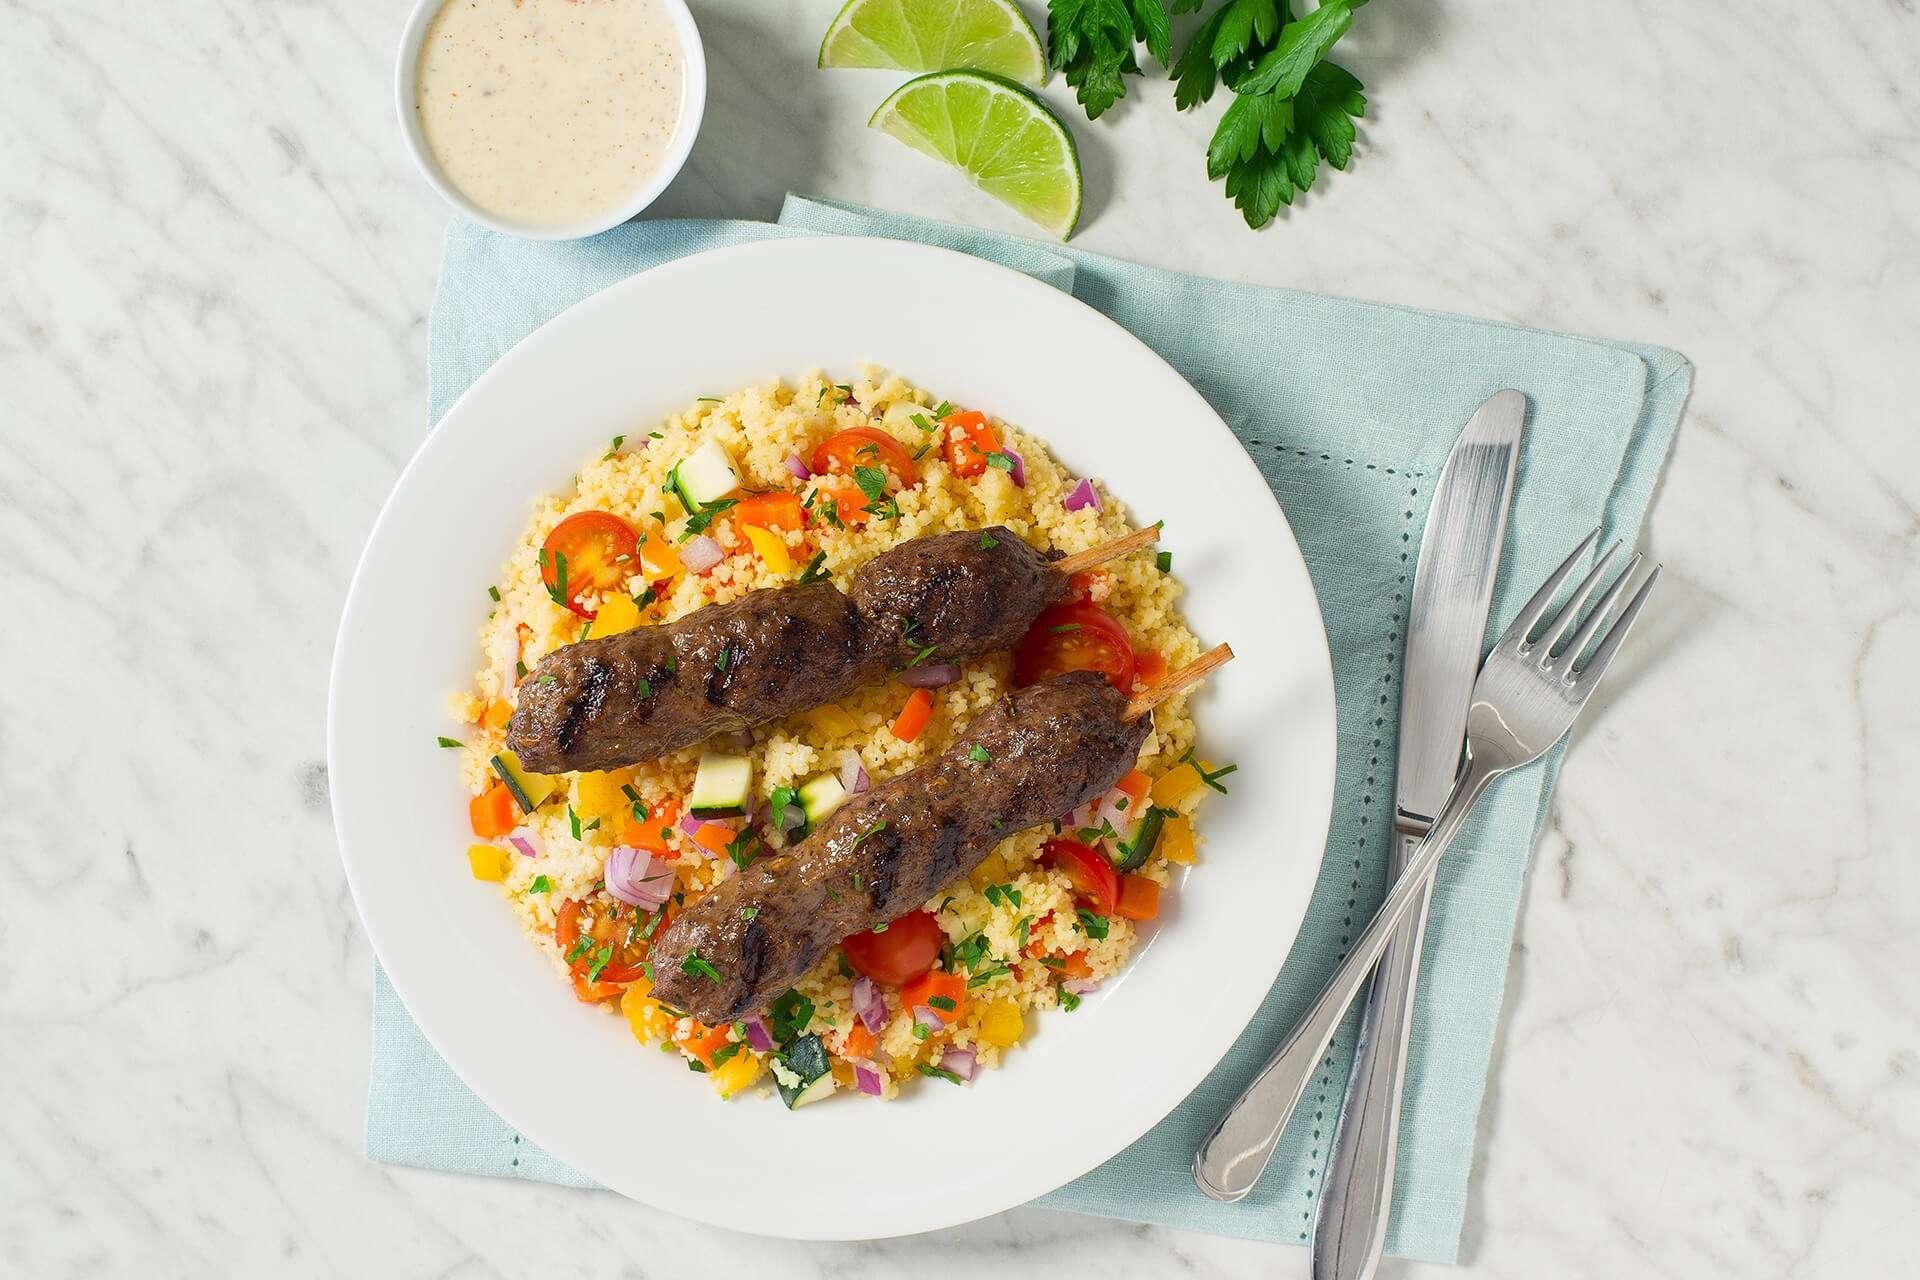 Lamb Kafta with Couscous salad